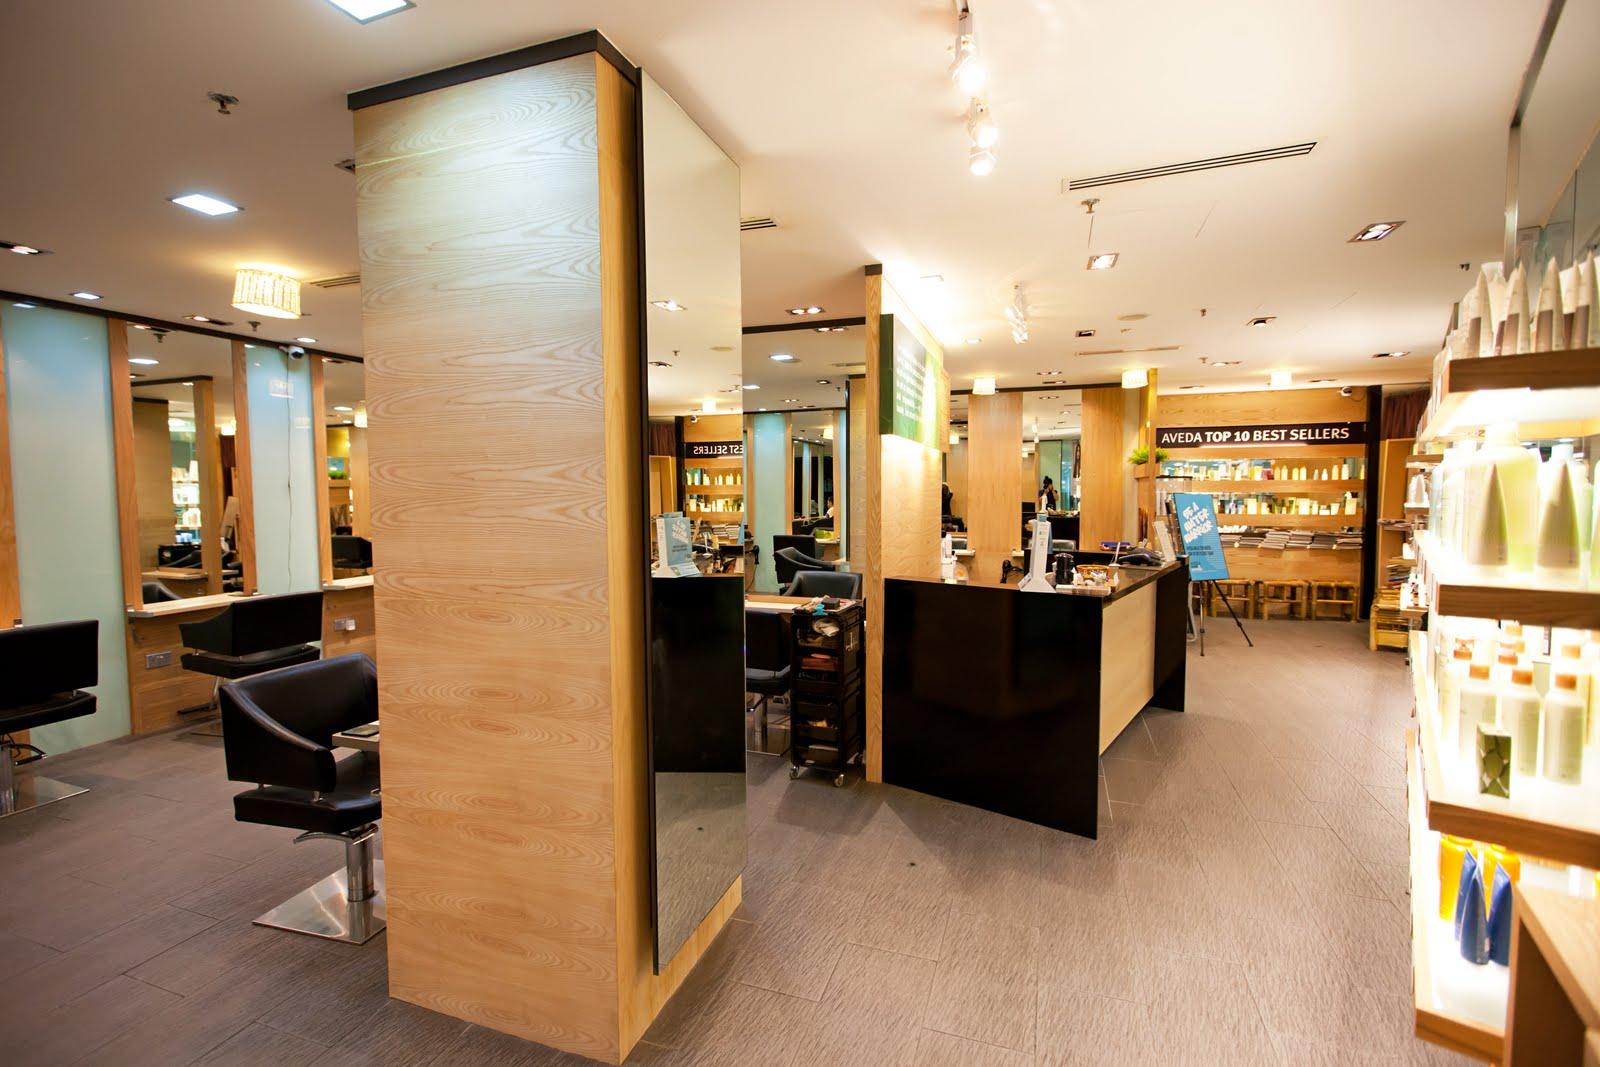 O Styles Hair Salon: JIWON